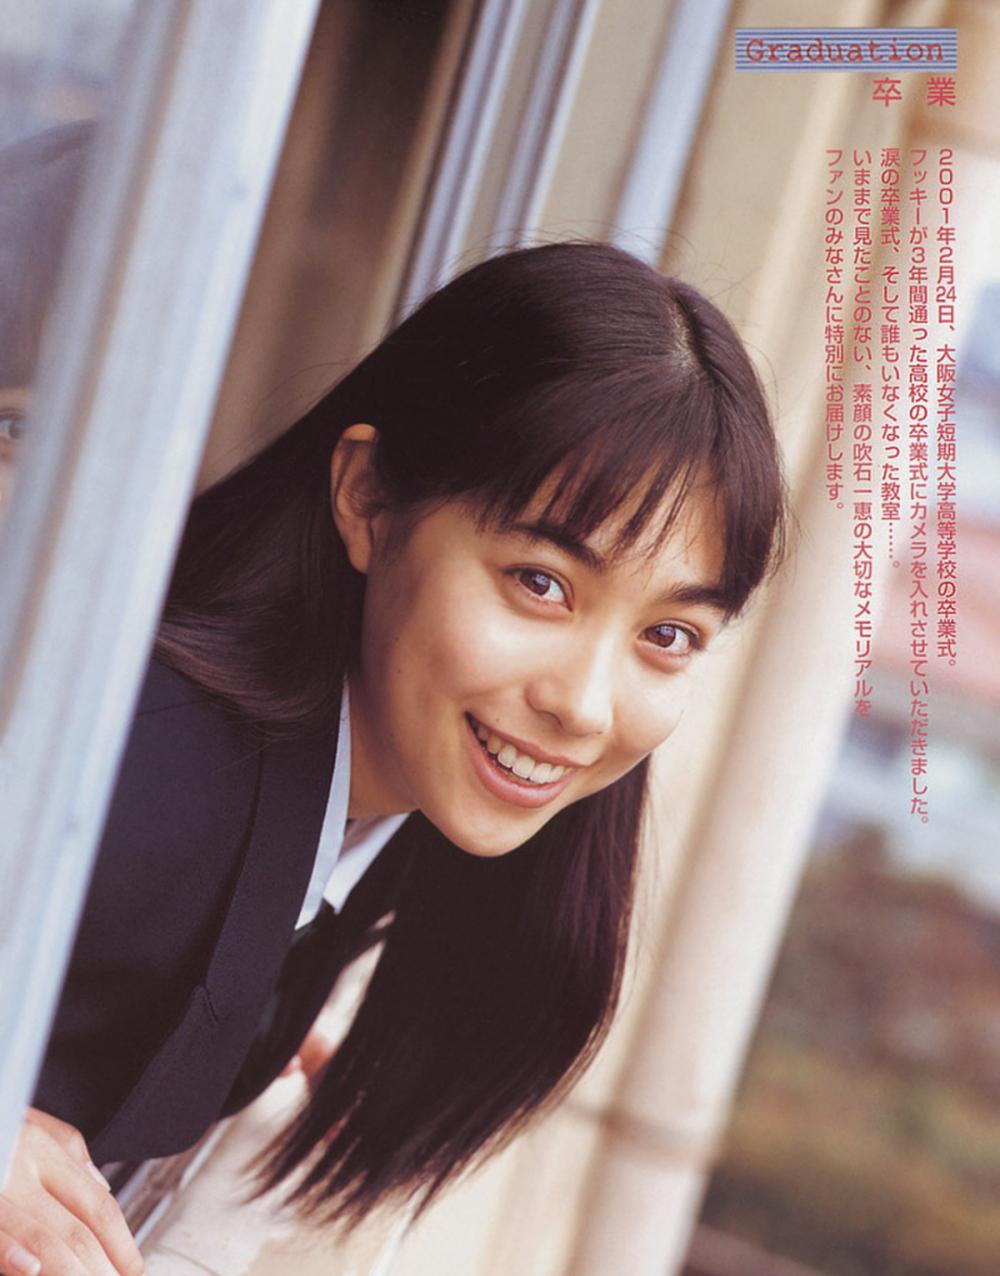 被锁在保险柜里的日本艺人吹石一惠的写真作品 (45)